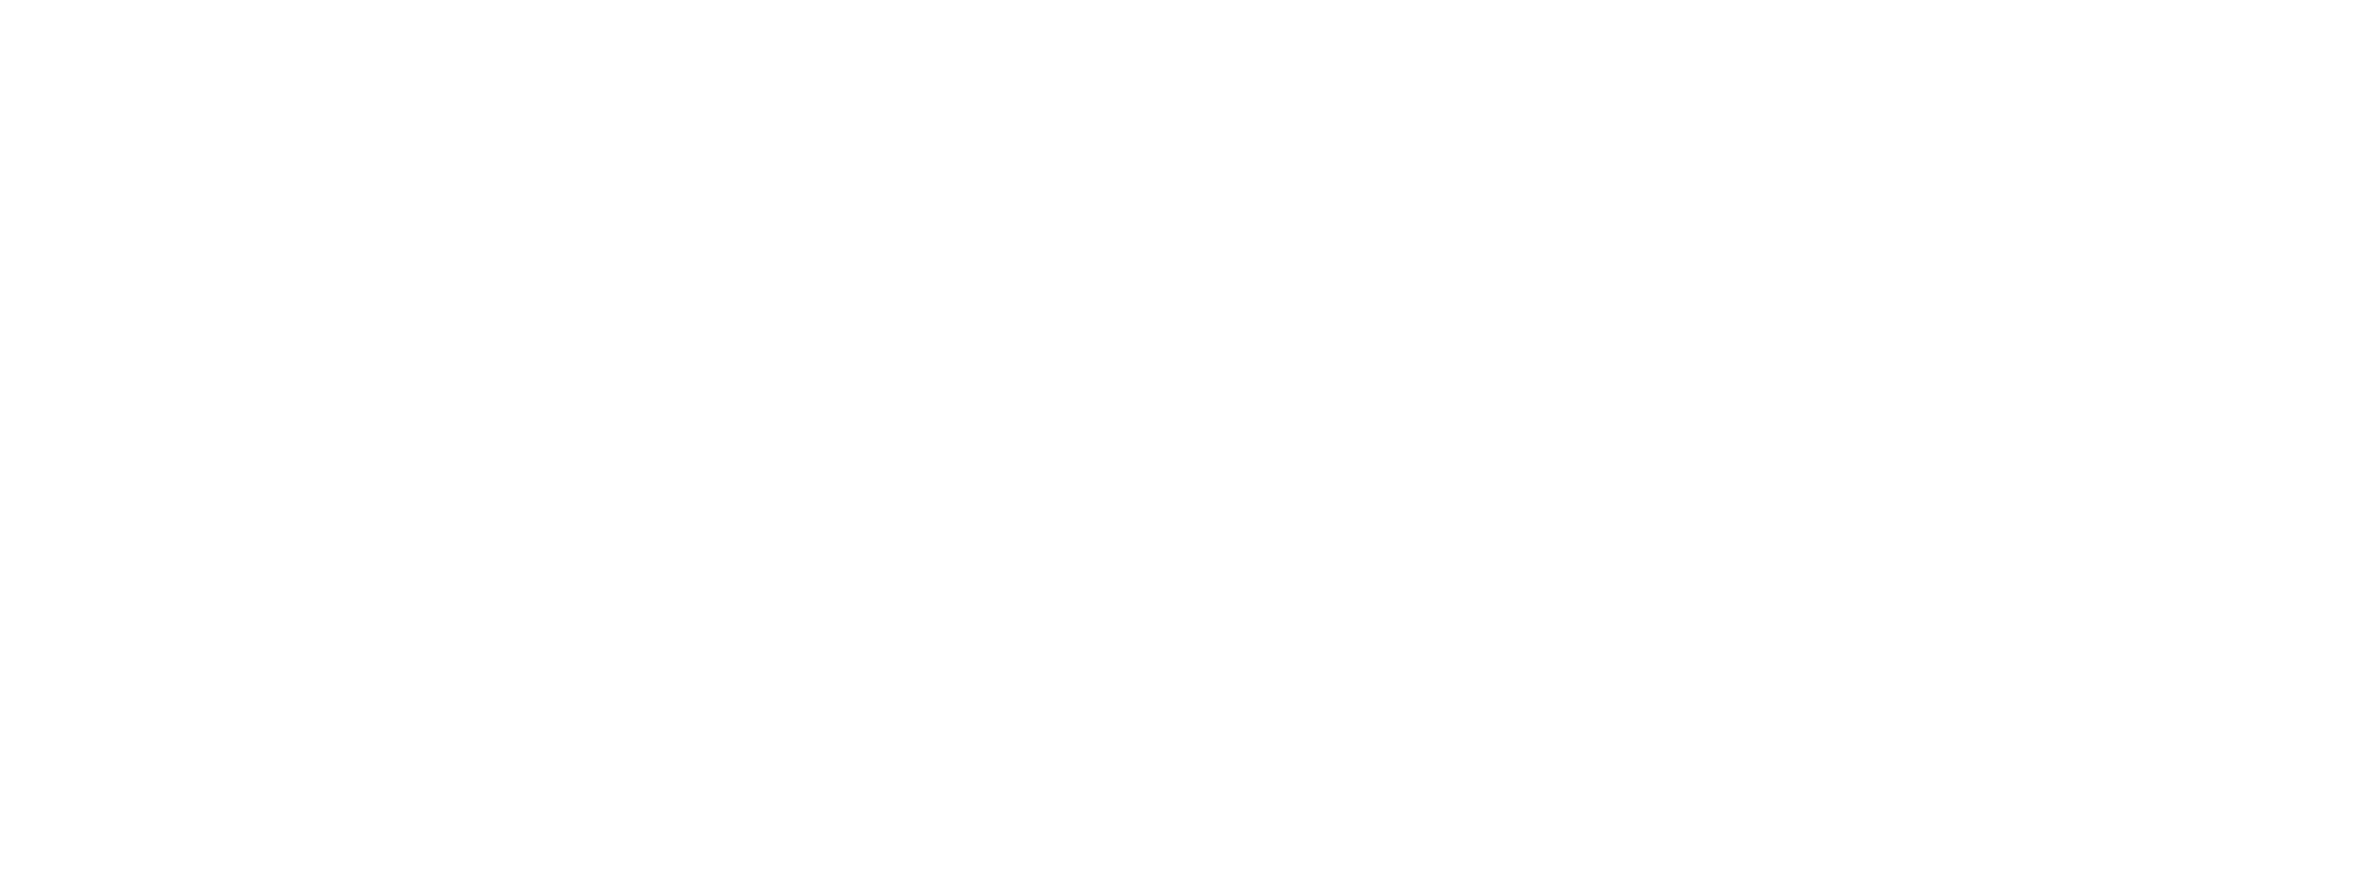 ABRHS